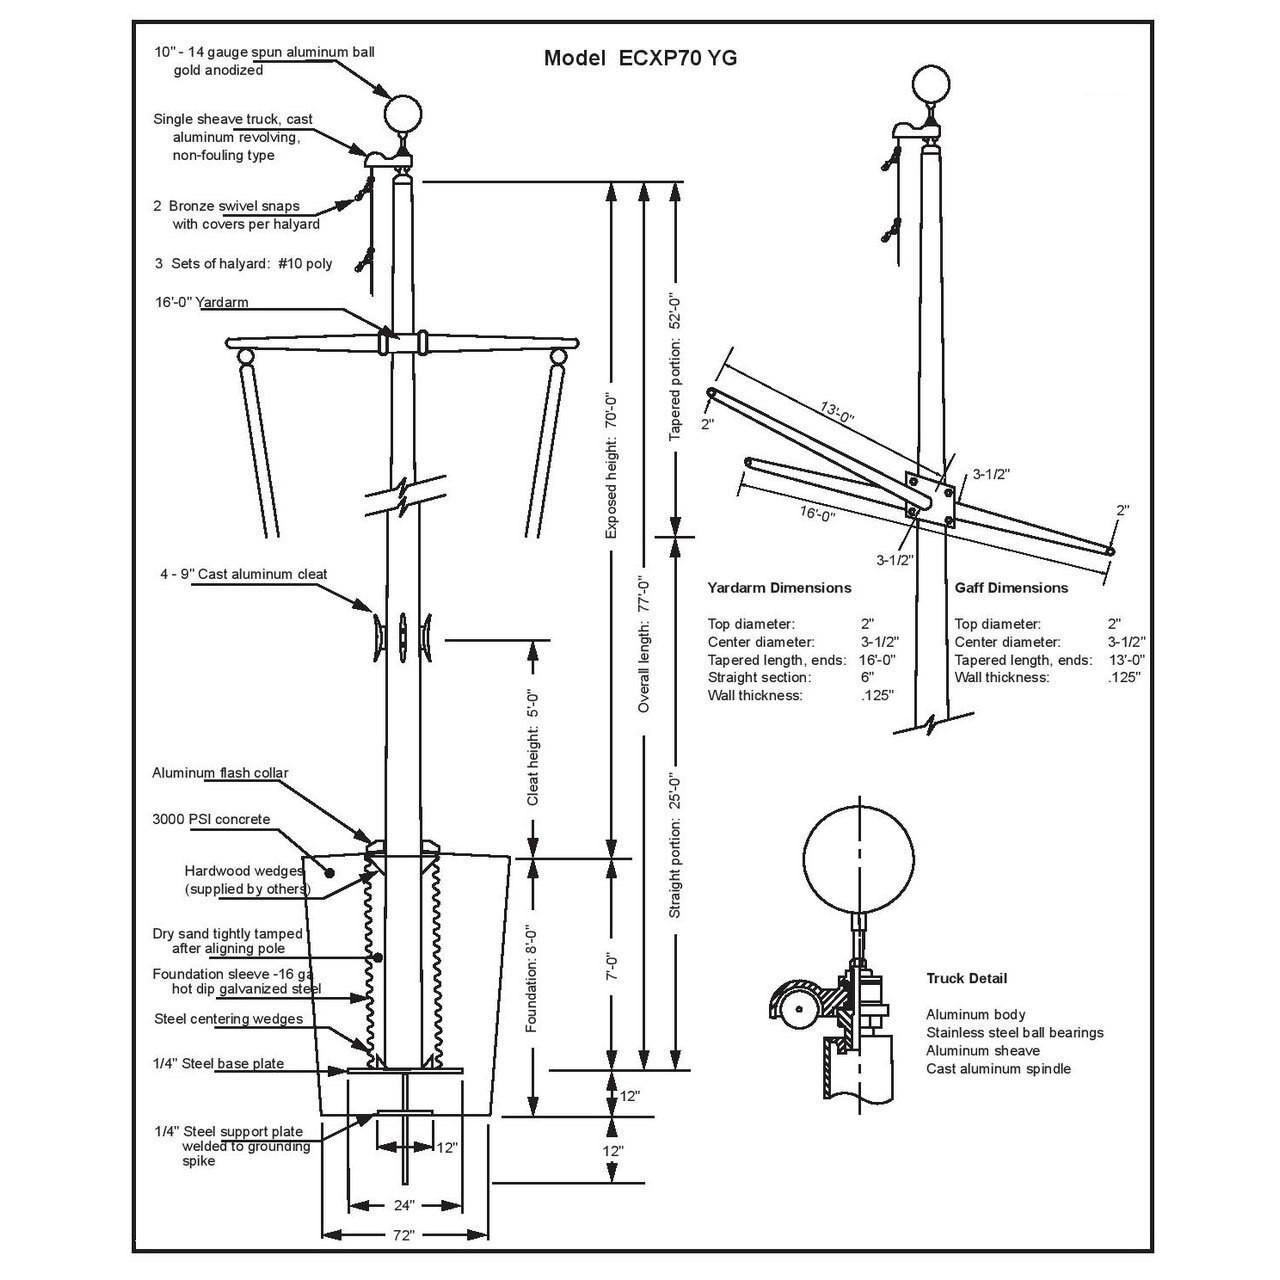 70 Nautical Flagpole w/ Yardarm, Gaff and Collar ECXP70YG